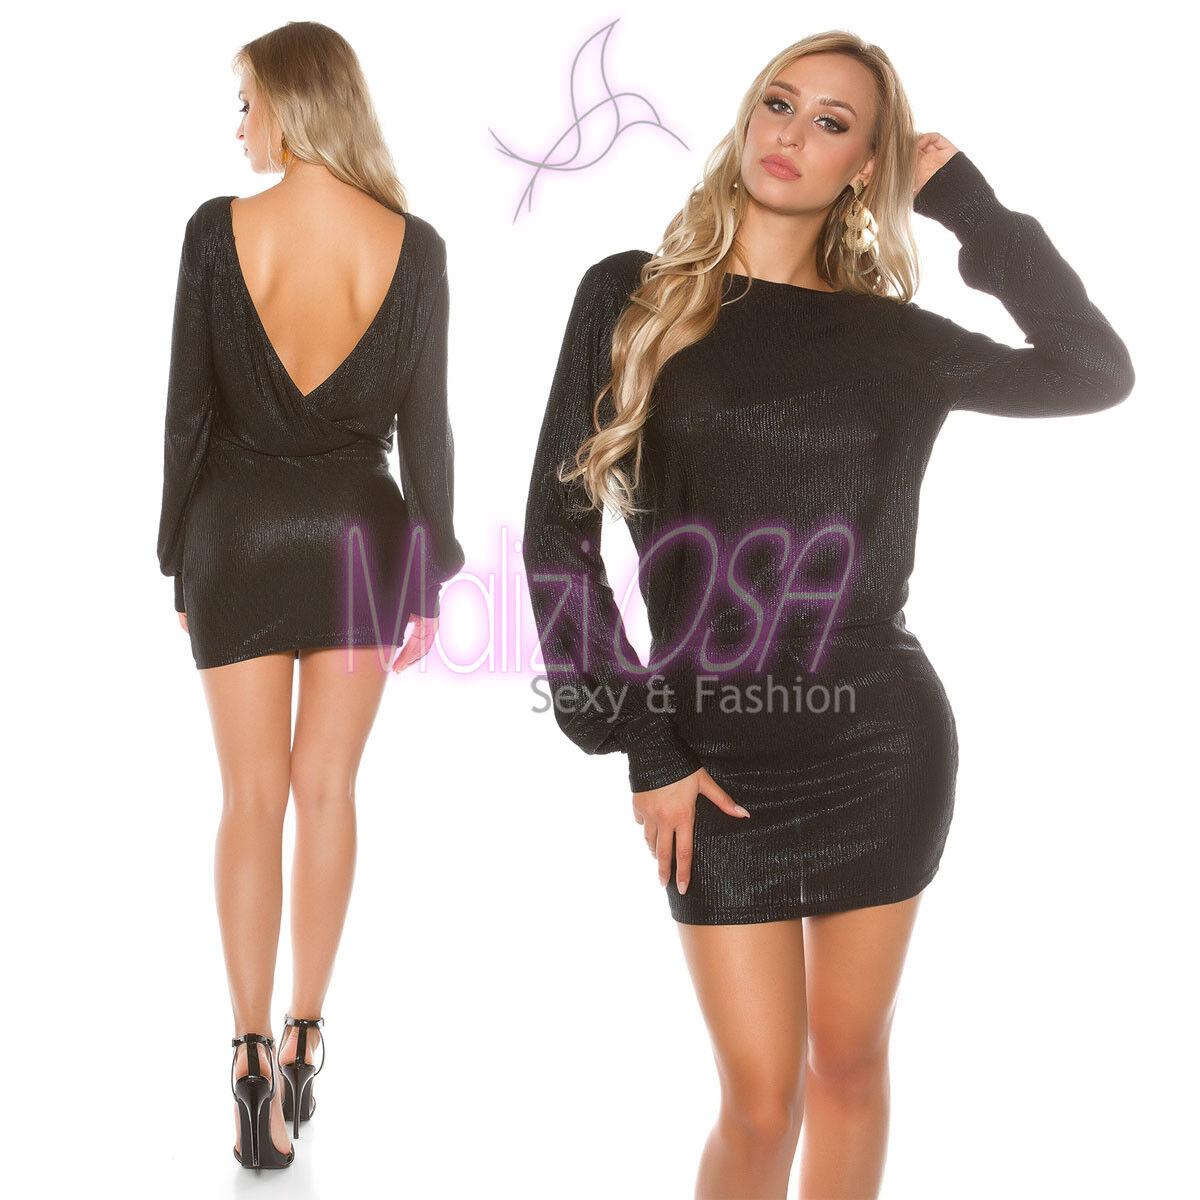 huge selection of 686b7 f27d0 Miniabito Donna MaliziOSA corto elegante Vestito sera ...